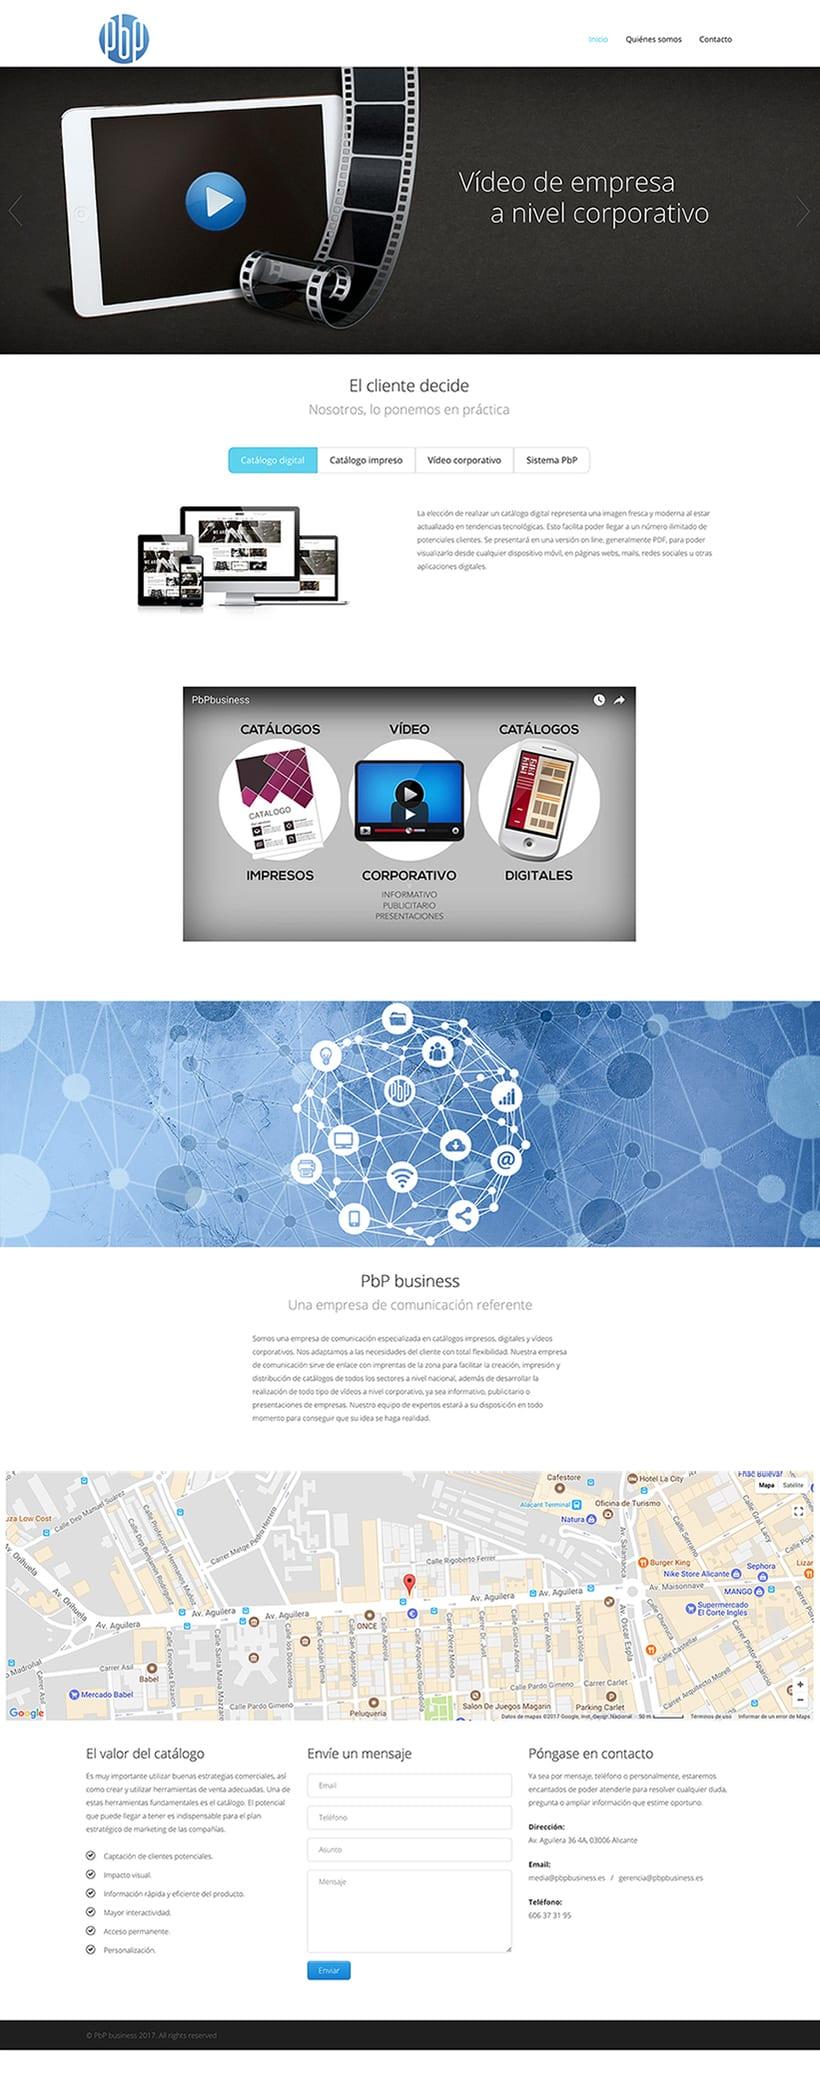 Diseño web y vídeo corporativo 1